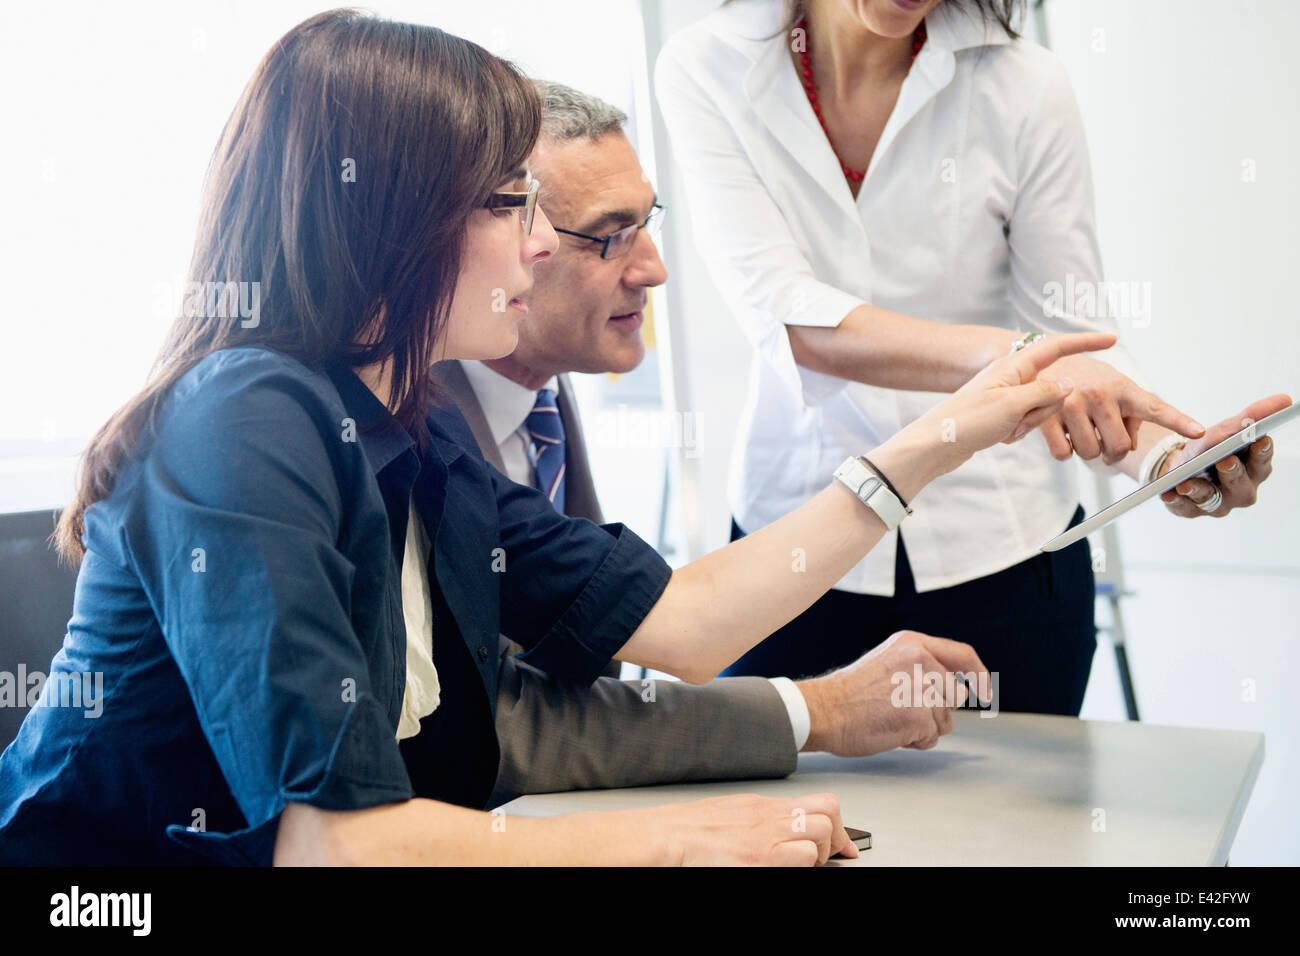 Homme d'affaires et les femmes en discussion Banque D'Images